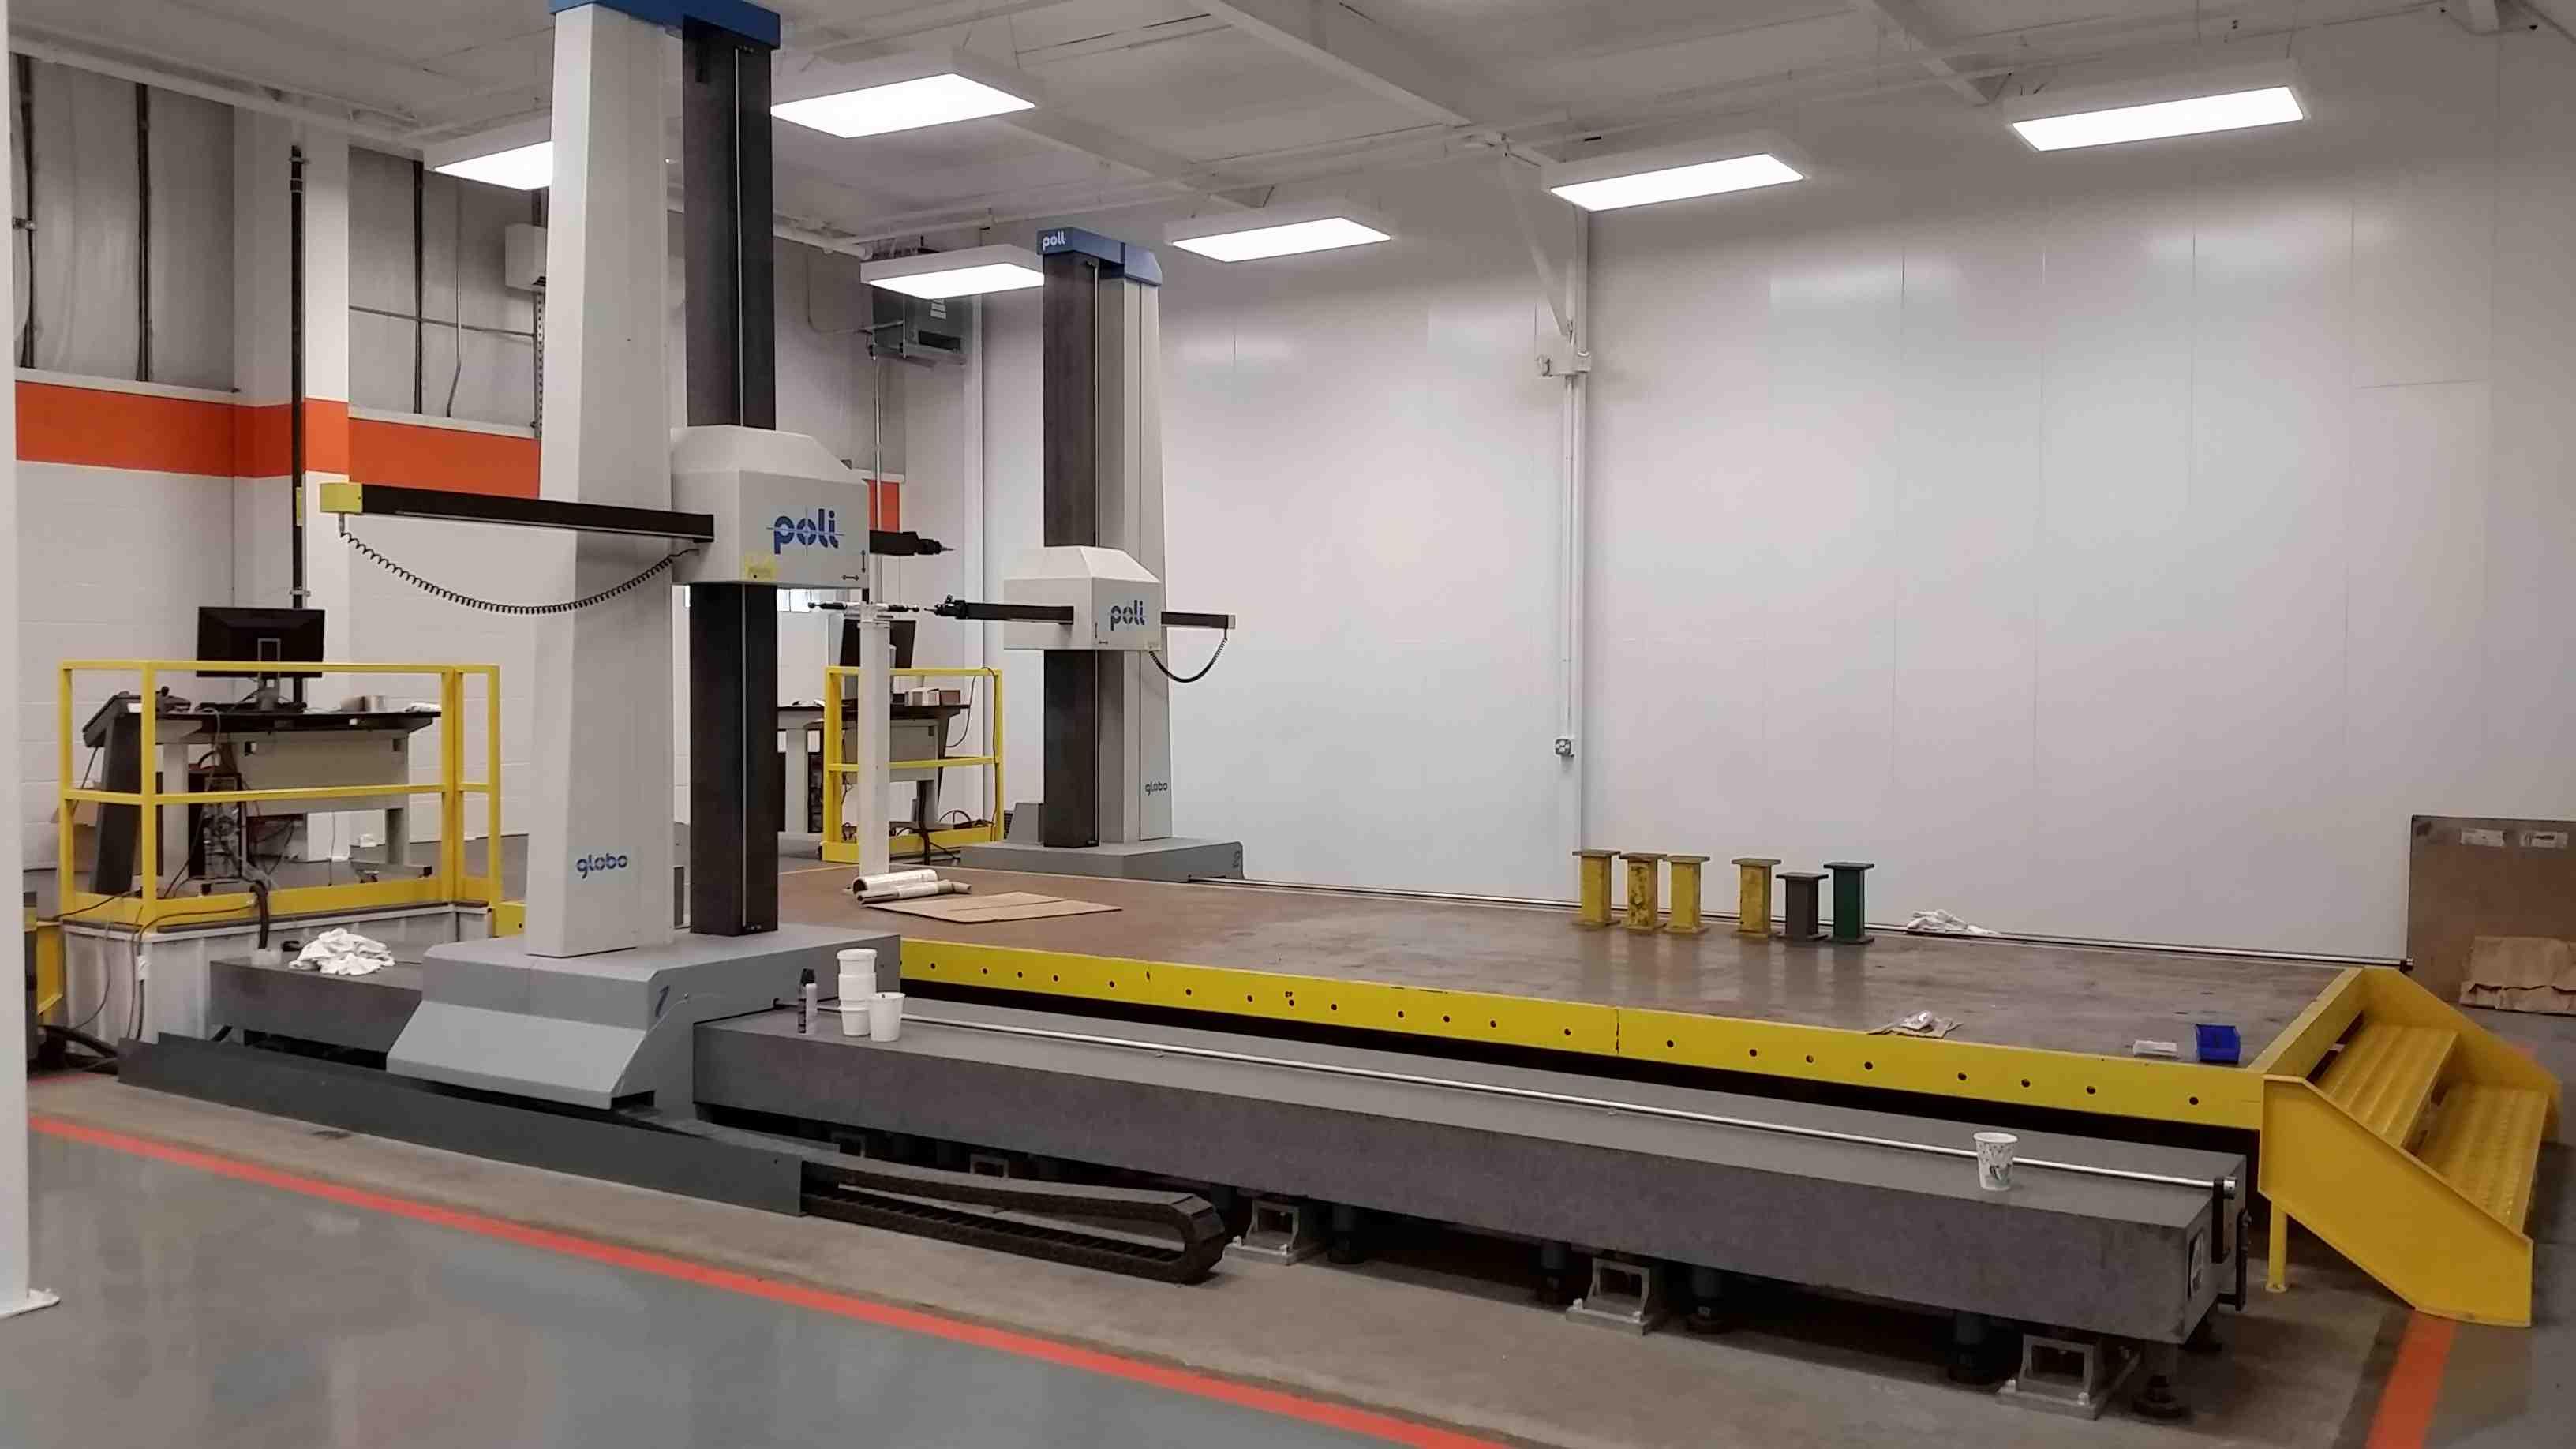 POLI GLOBO MEASURING MACHINE, MODEL 2000 POLI, PC BASED, 6000 mm (X), 3200 mm (Y), 2500 mm (Z)